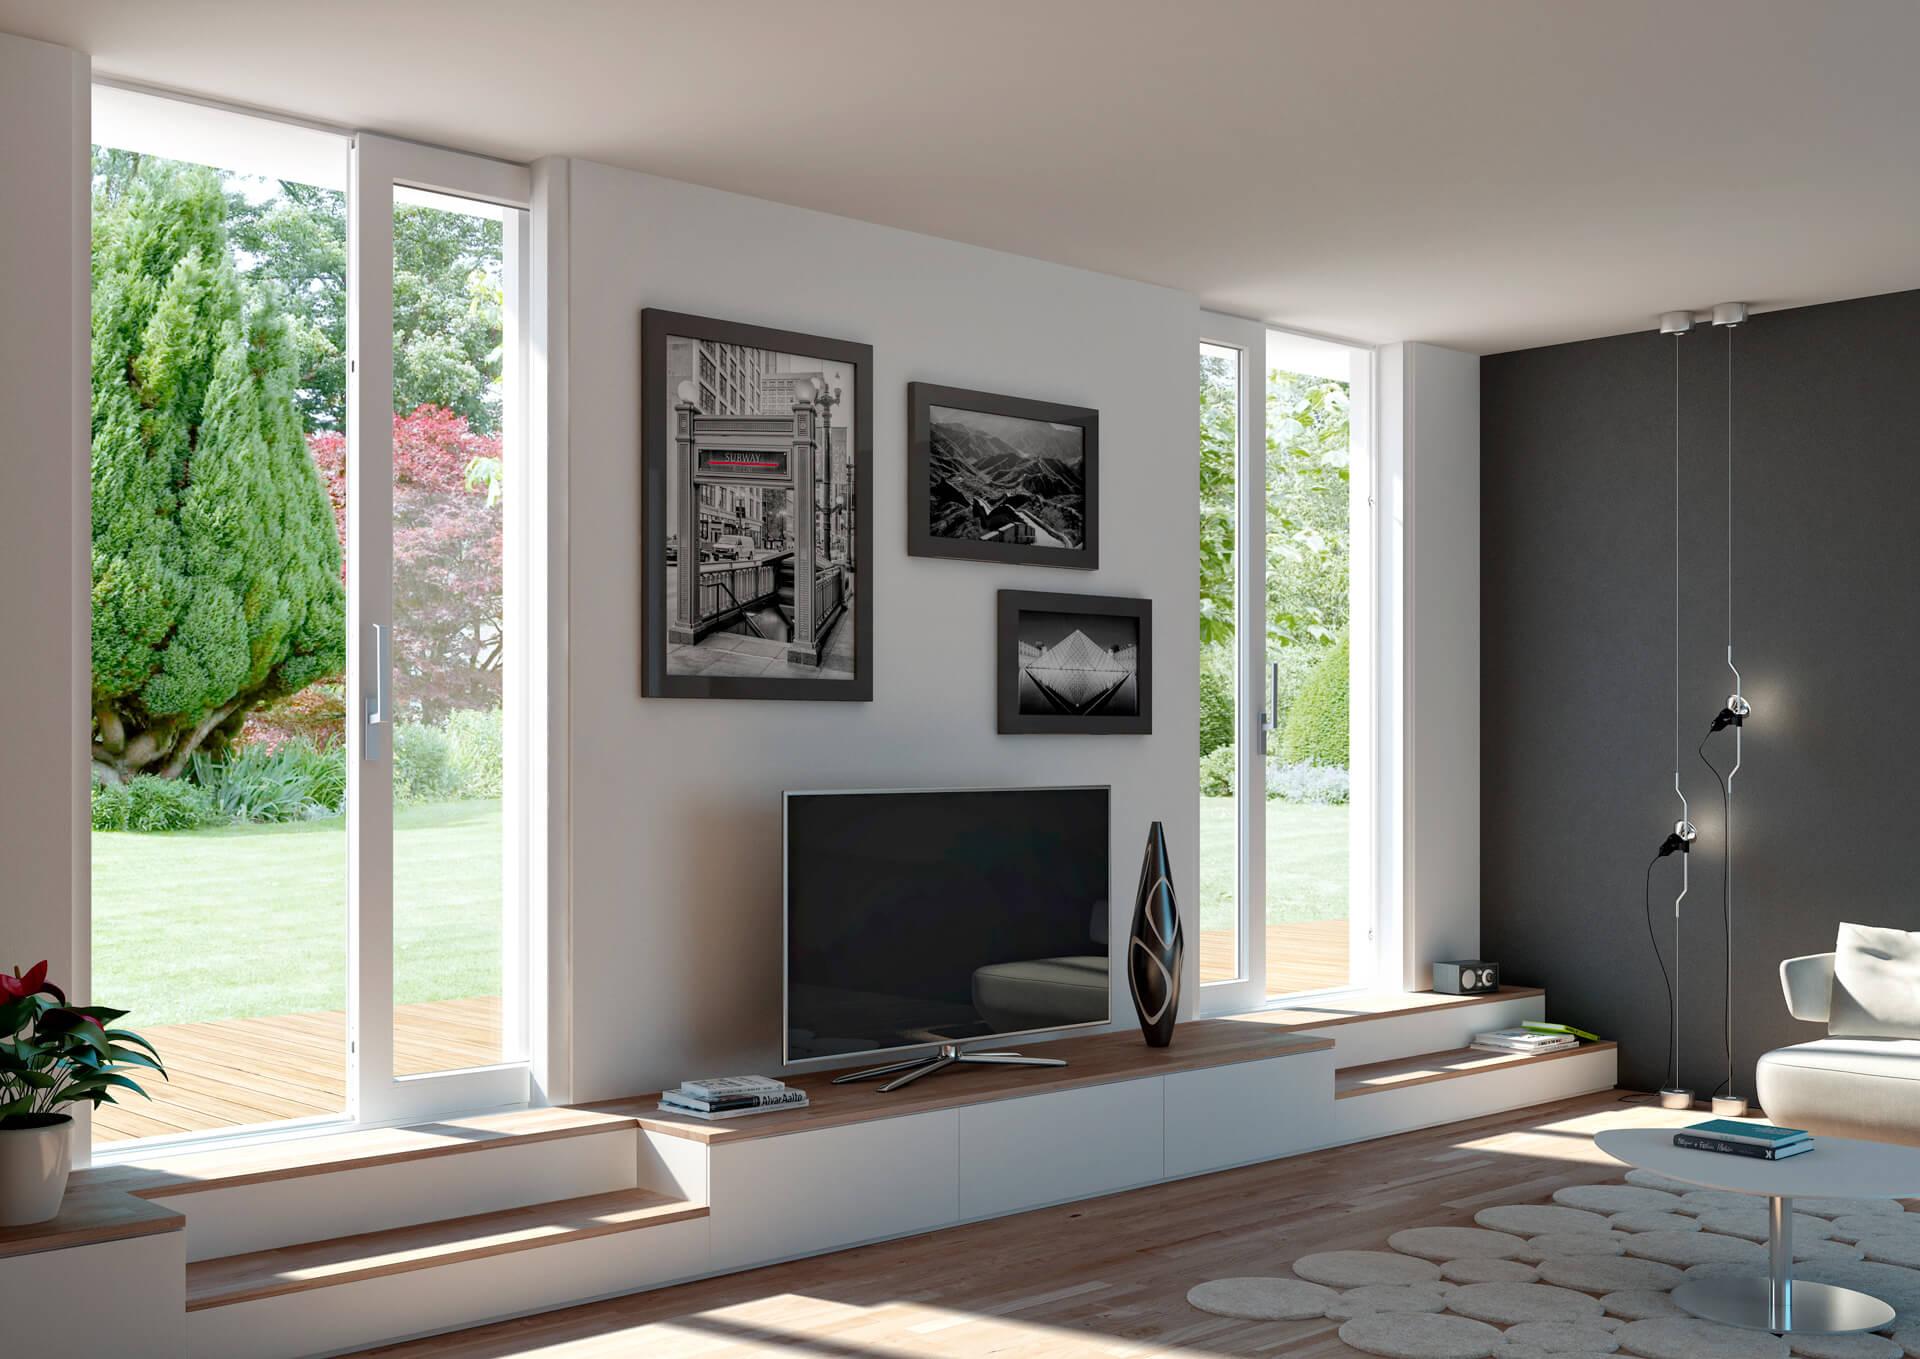 Aumentare la luminosit in casa con le finestre a scomparsa blog oknoplast - La casa con le finestre che ridono ...